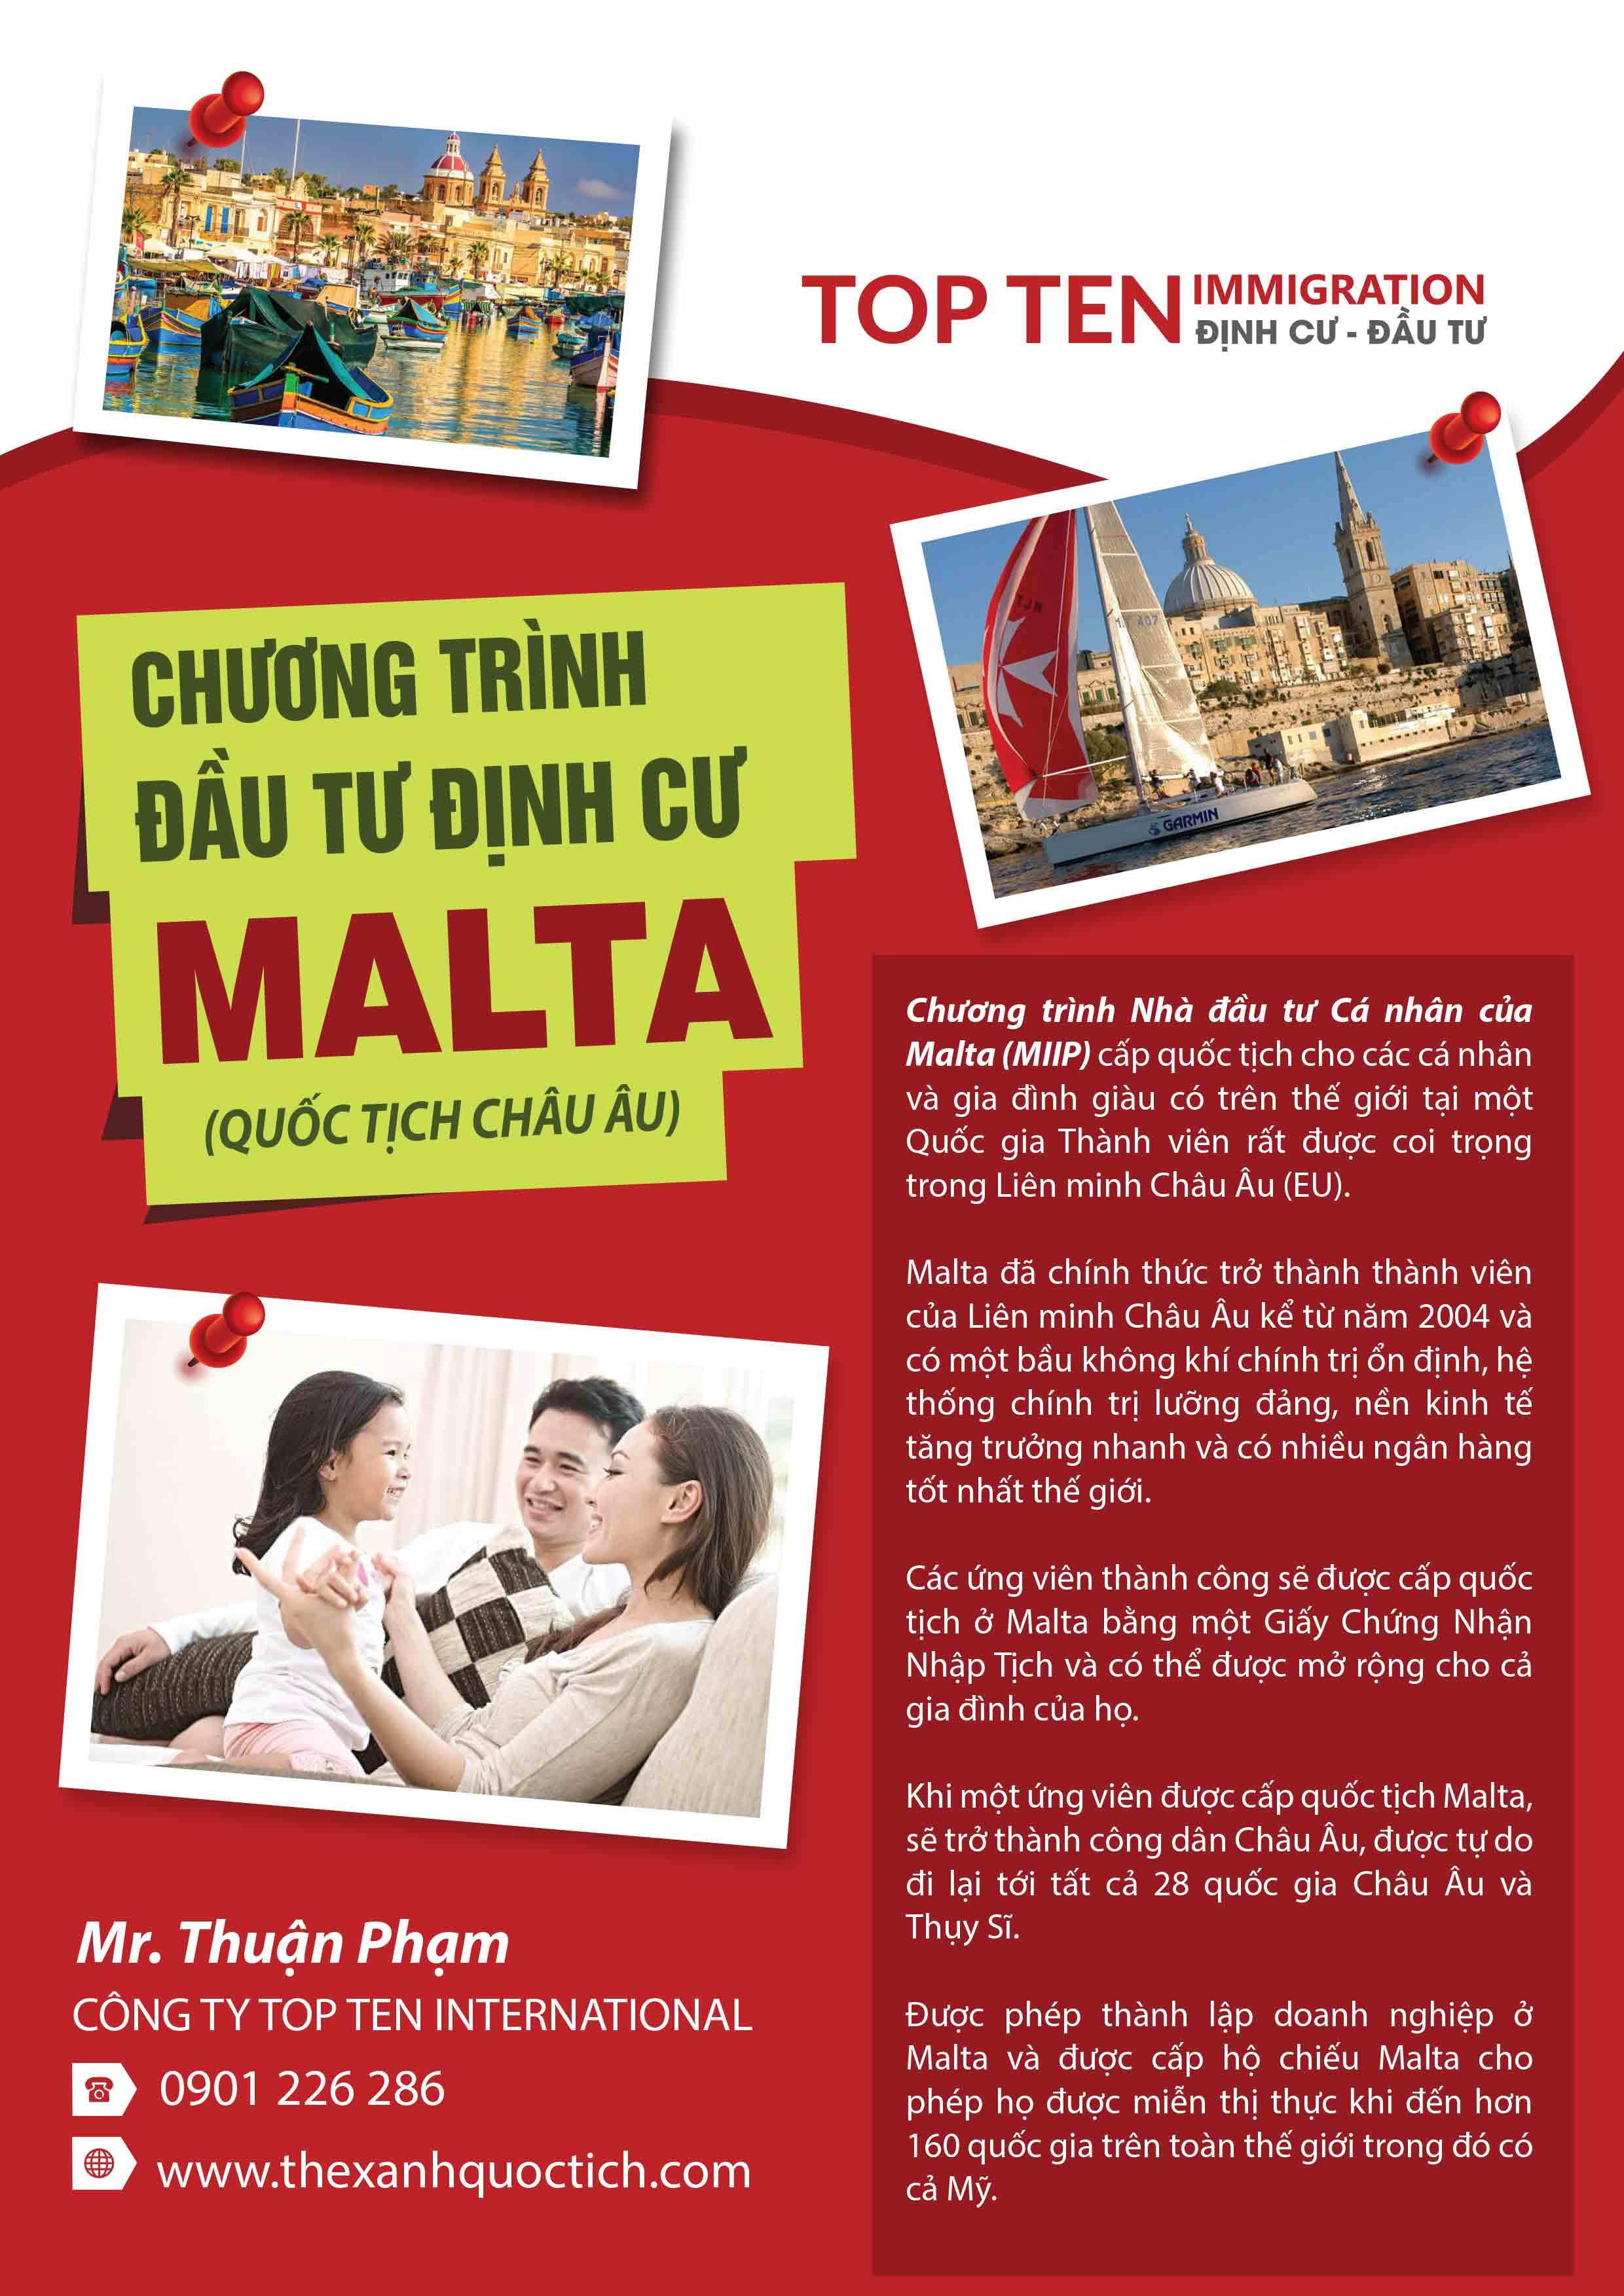 Đầu tư định cư nhập quốc tịch Malta